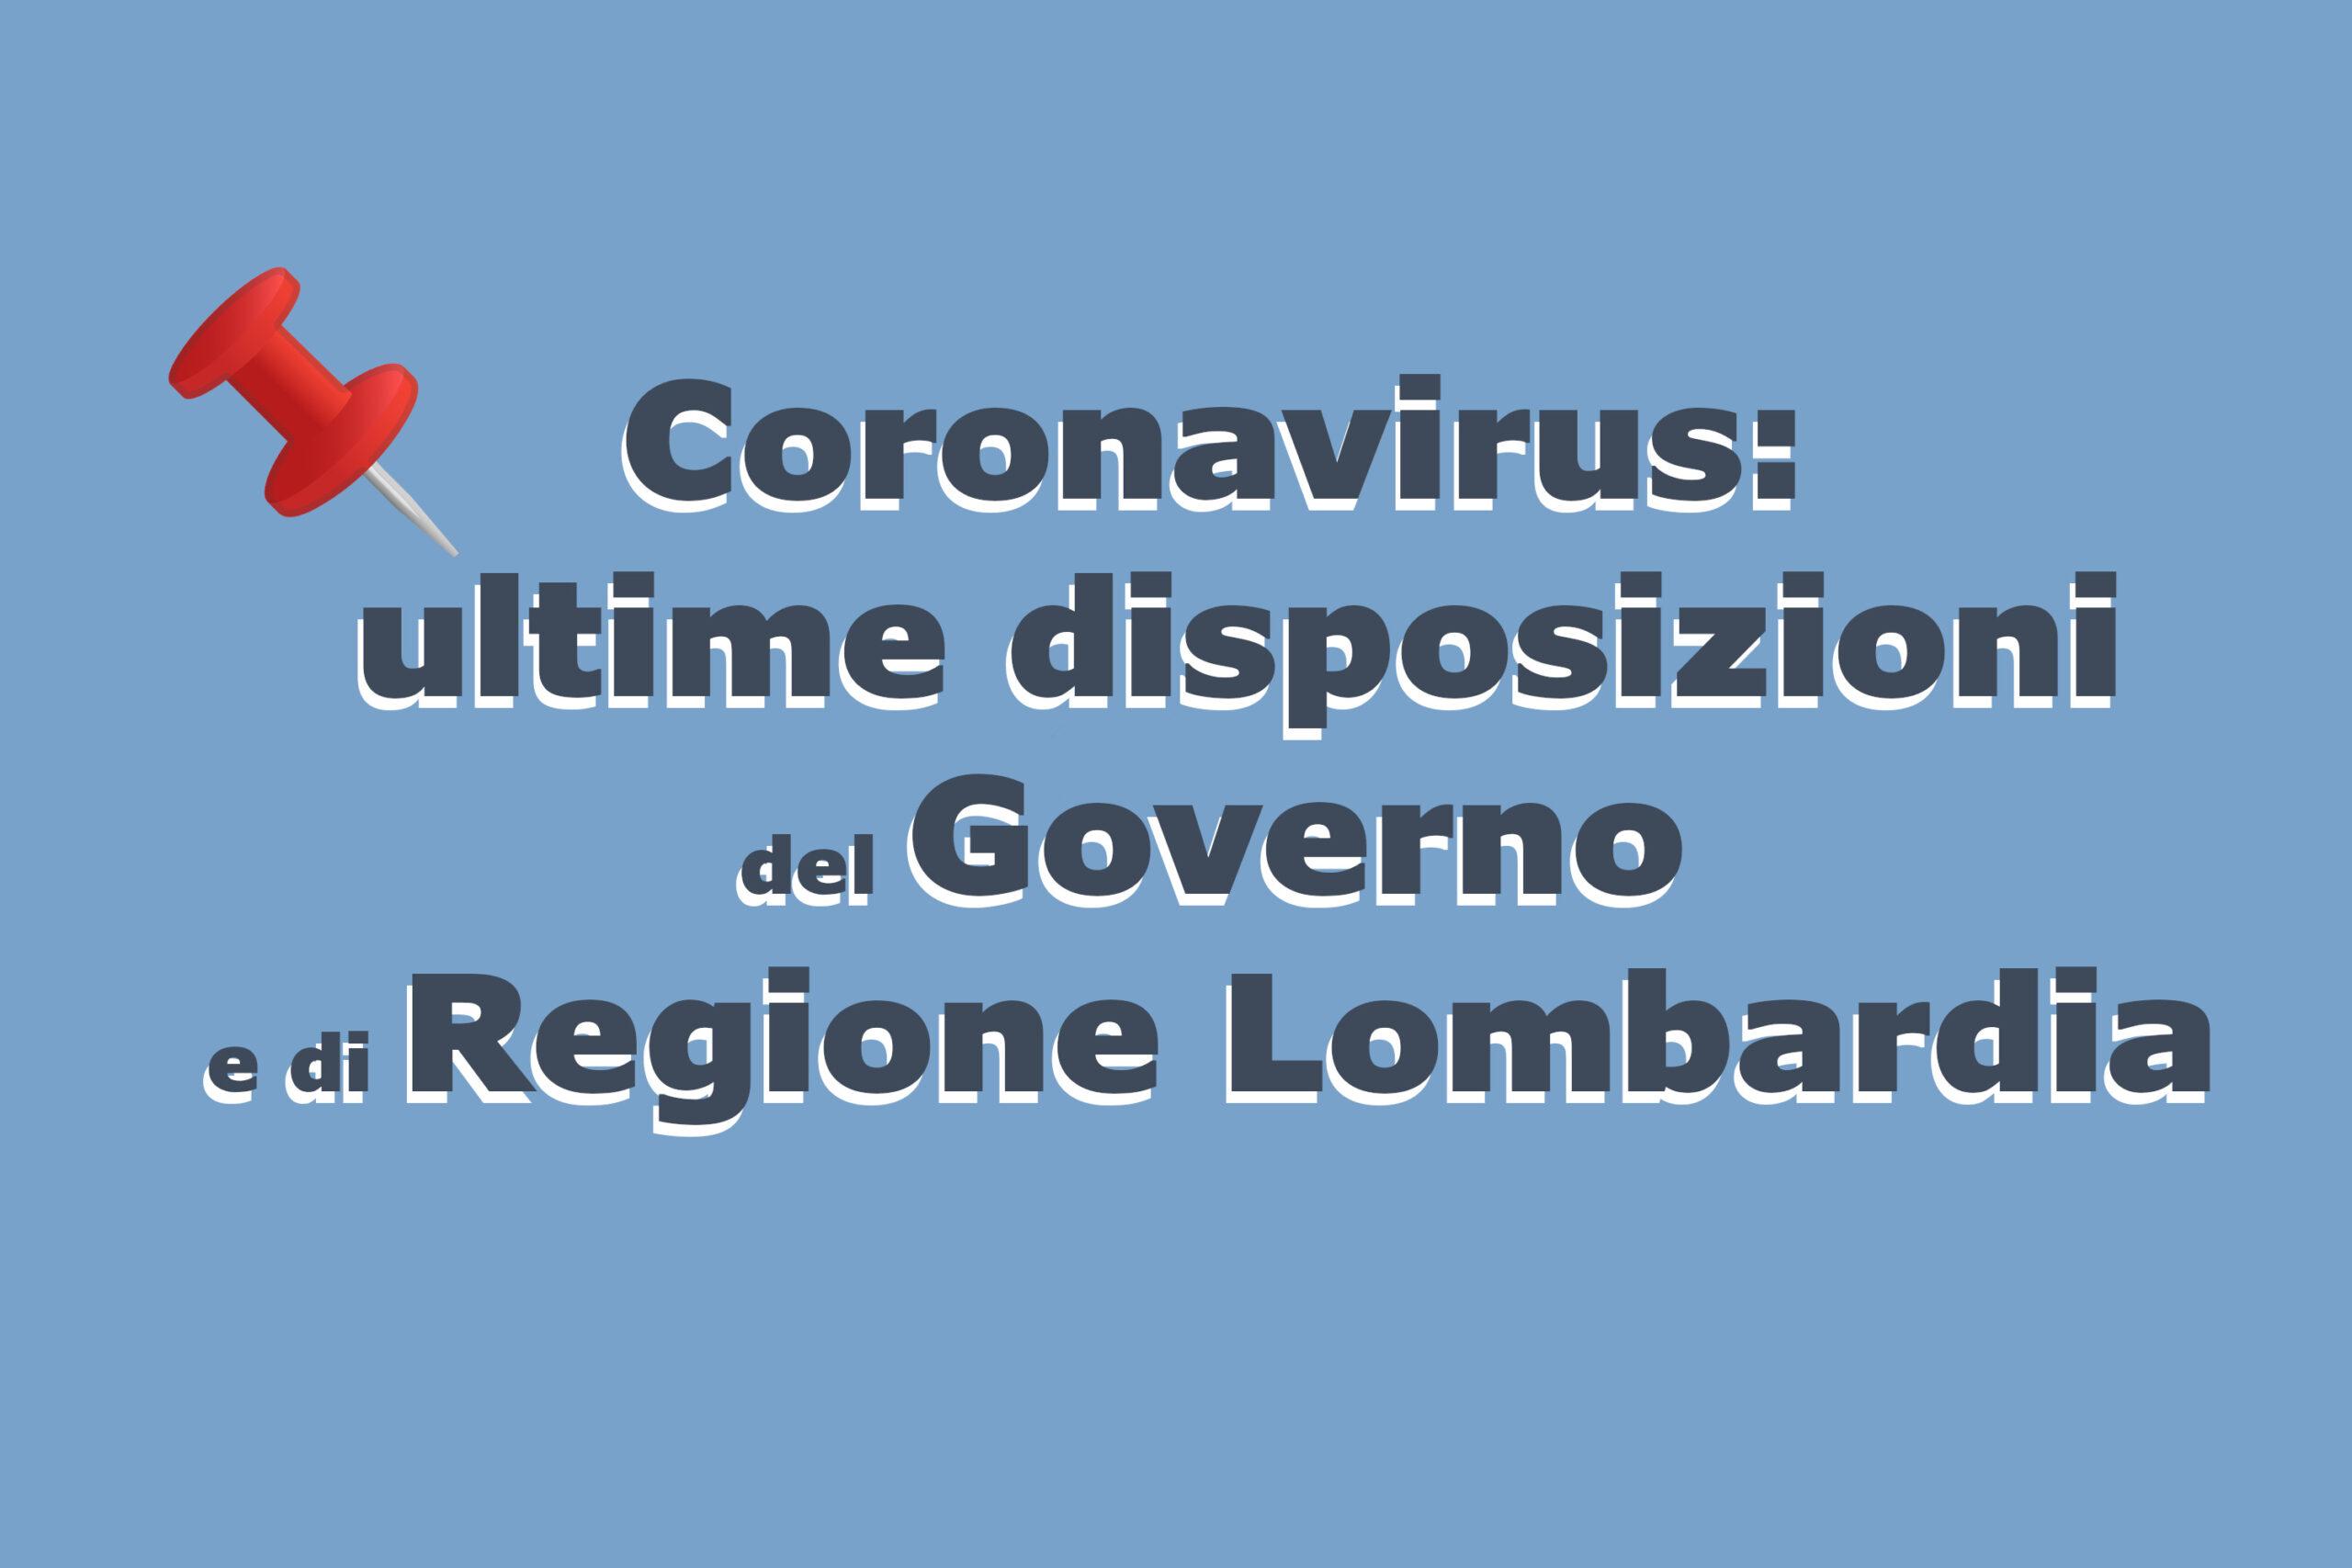 Coronavirus Le Nuove Disposizioni Comune Di Sesto San Giovanni